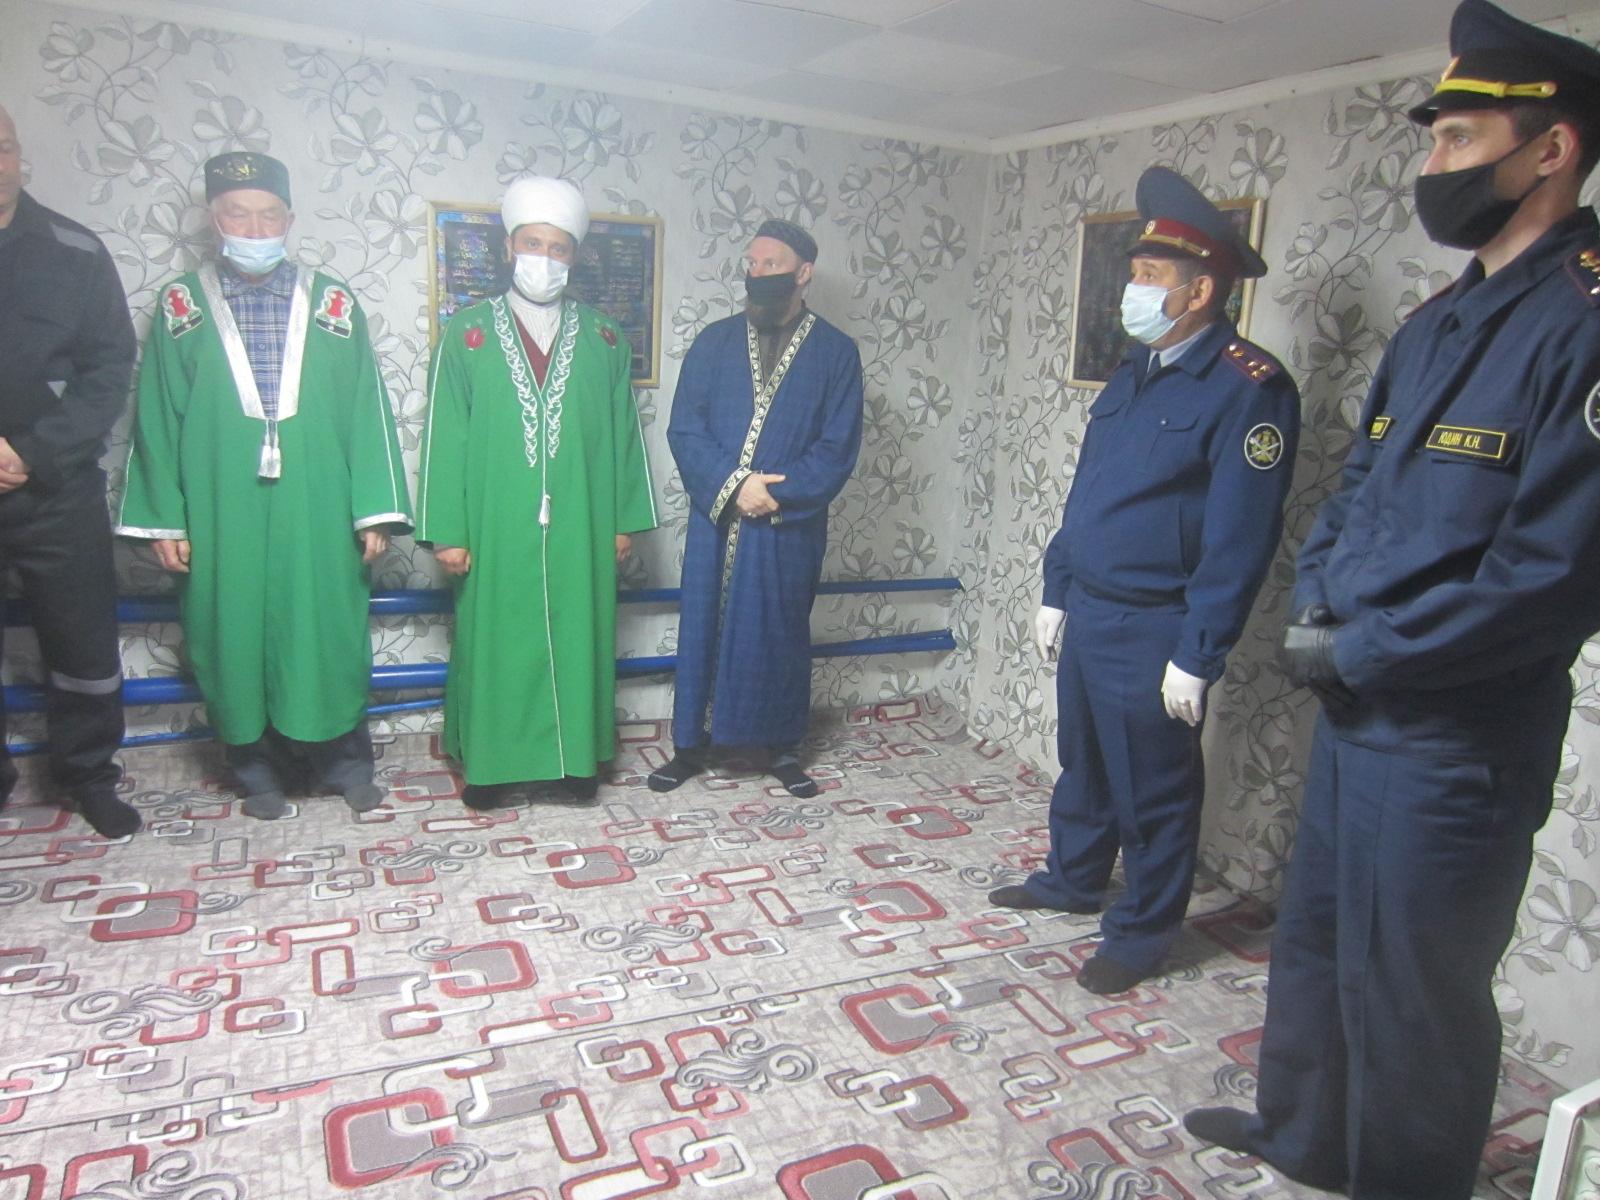 Ещё одна молельная комната